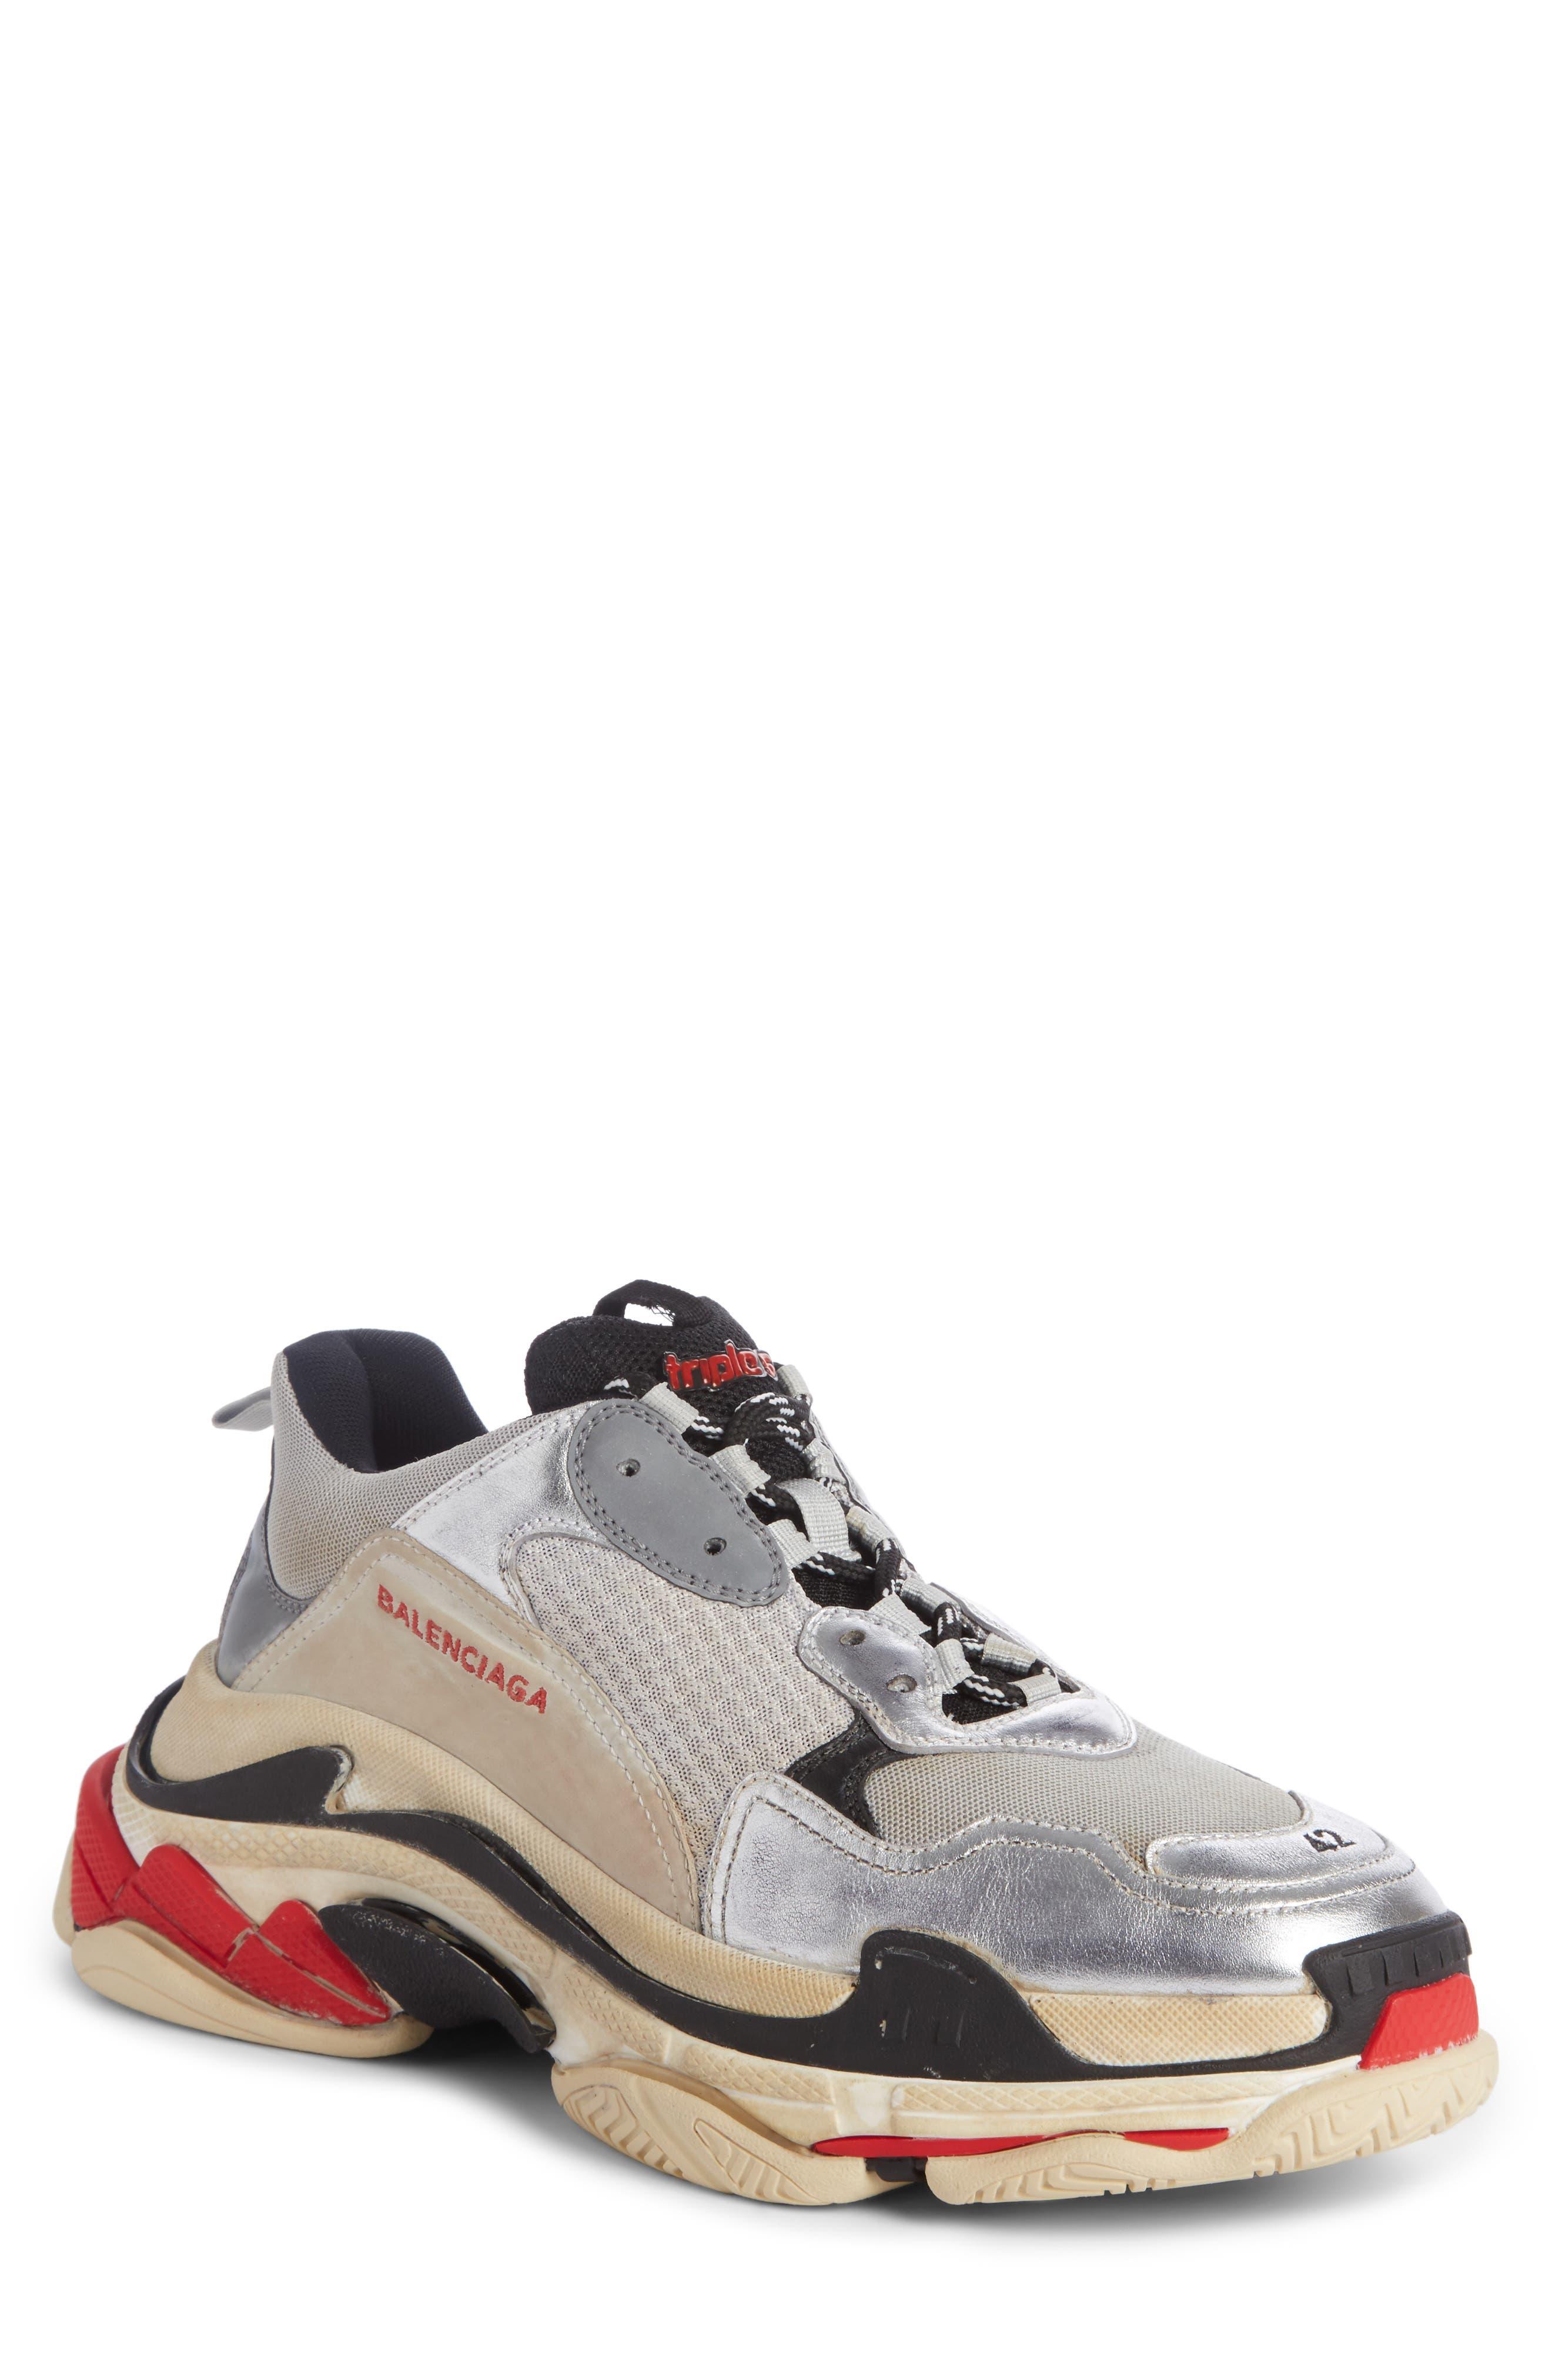 Balenciaga Triple S Retro Sneaker (Men)